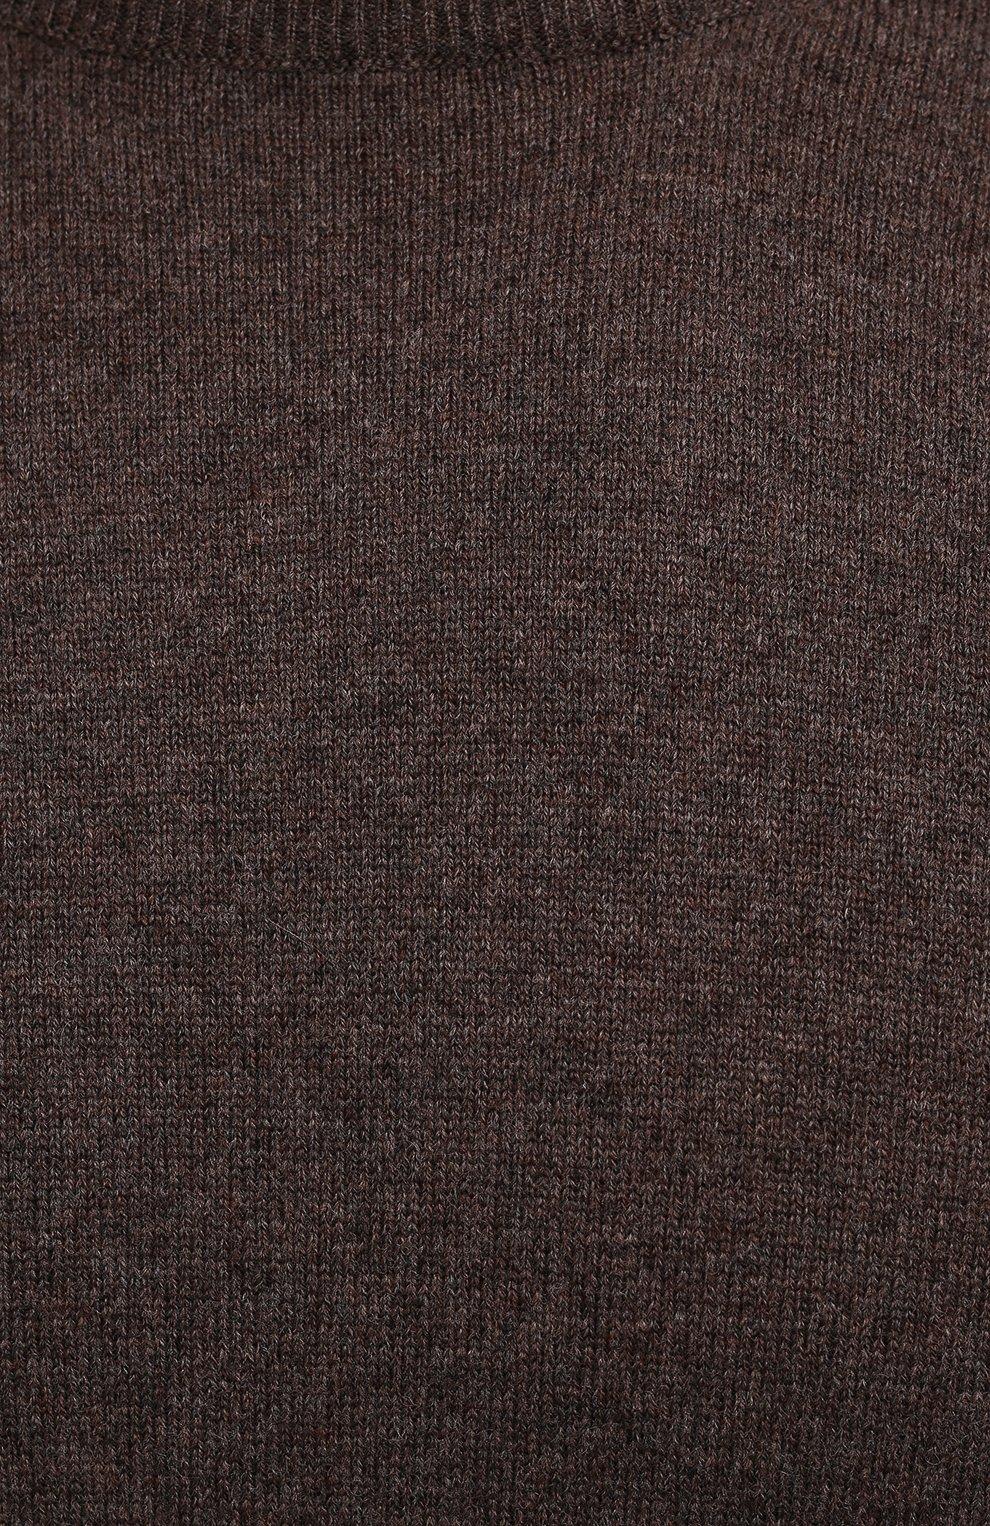 Мужской джемпер из шерсти и кашемира GRAN SASSO коричневого цвета, арт. 55168/19625 | Фото 5 (Мужское Кросс-КТ: Джемперы; Материал внешний: Шерсть; Рукава: Длинные; Принт: Без принта; Длина (для топов): Стандартные; Вырез: Круглый; Стили: Кэжуэл)